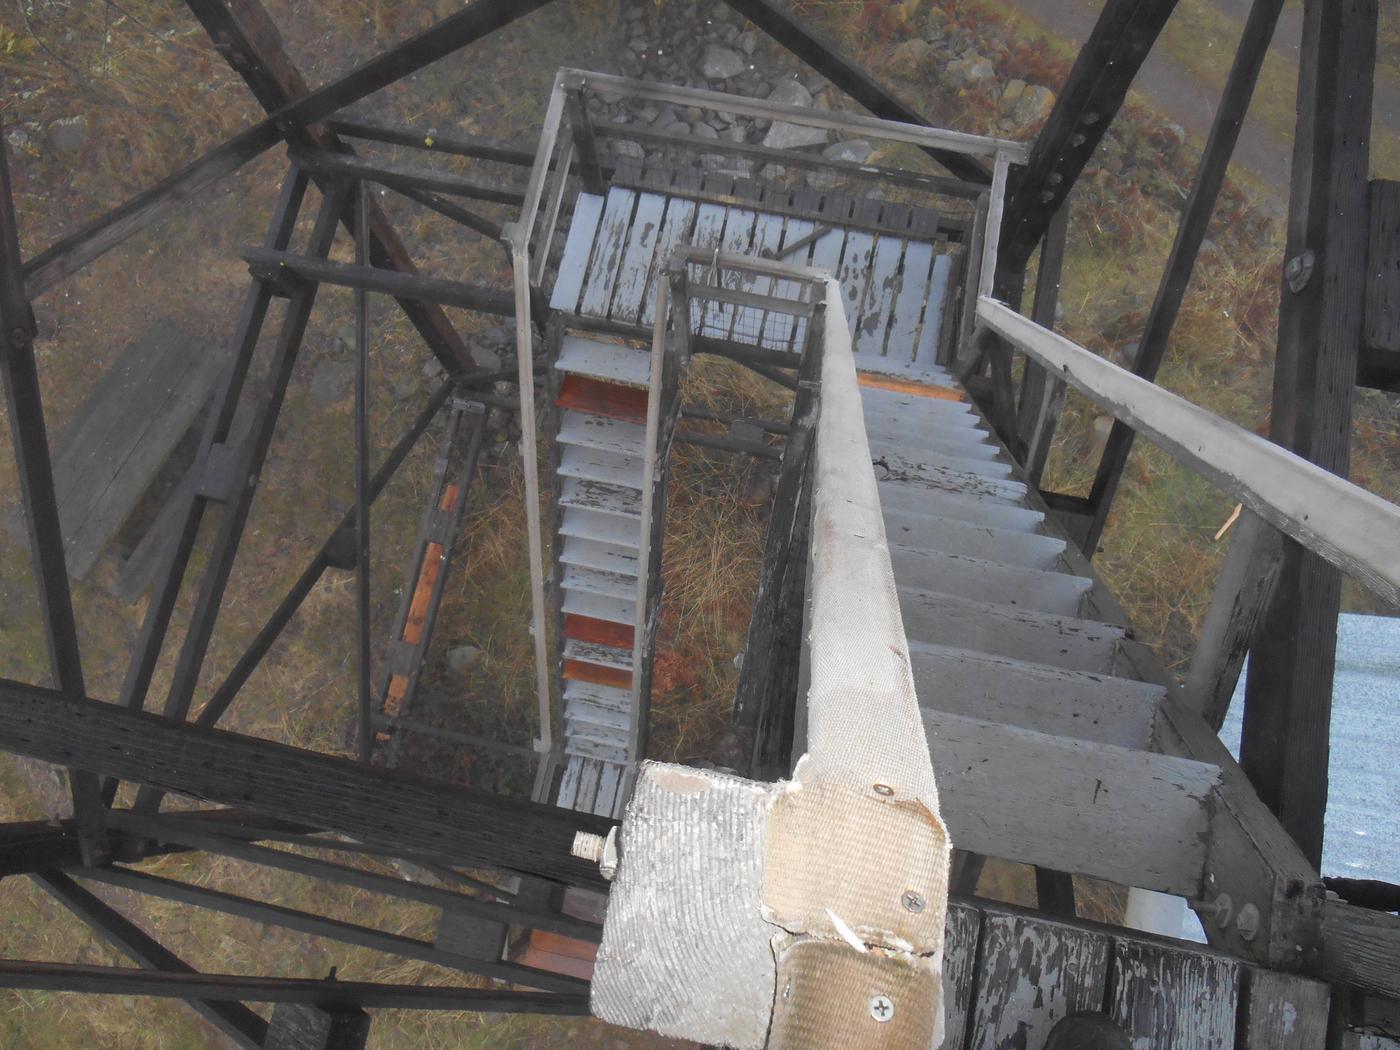 PICKETT BUTTE LOOKOUTPickett Butte tower